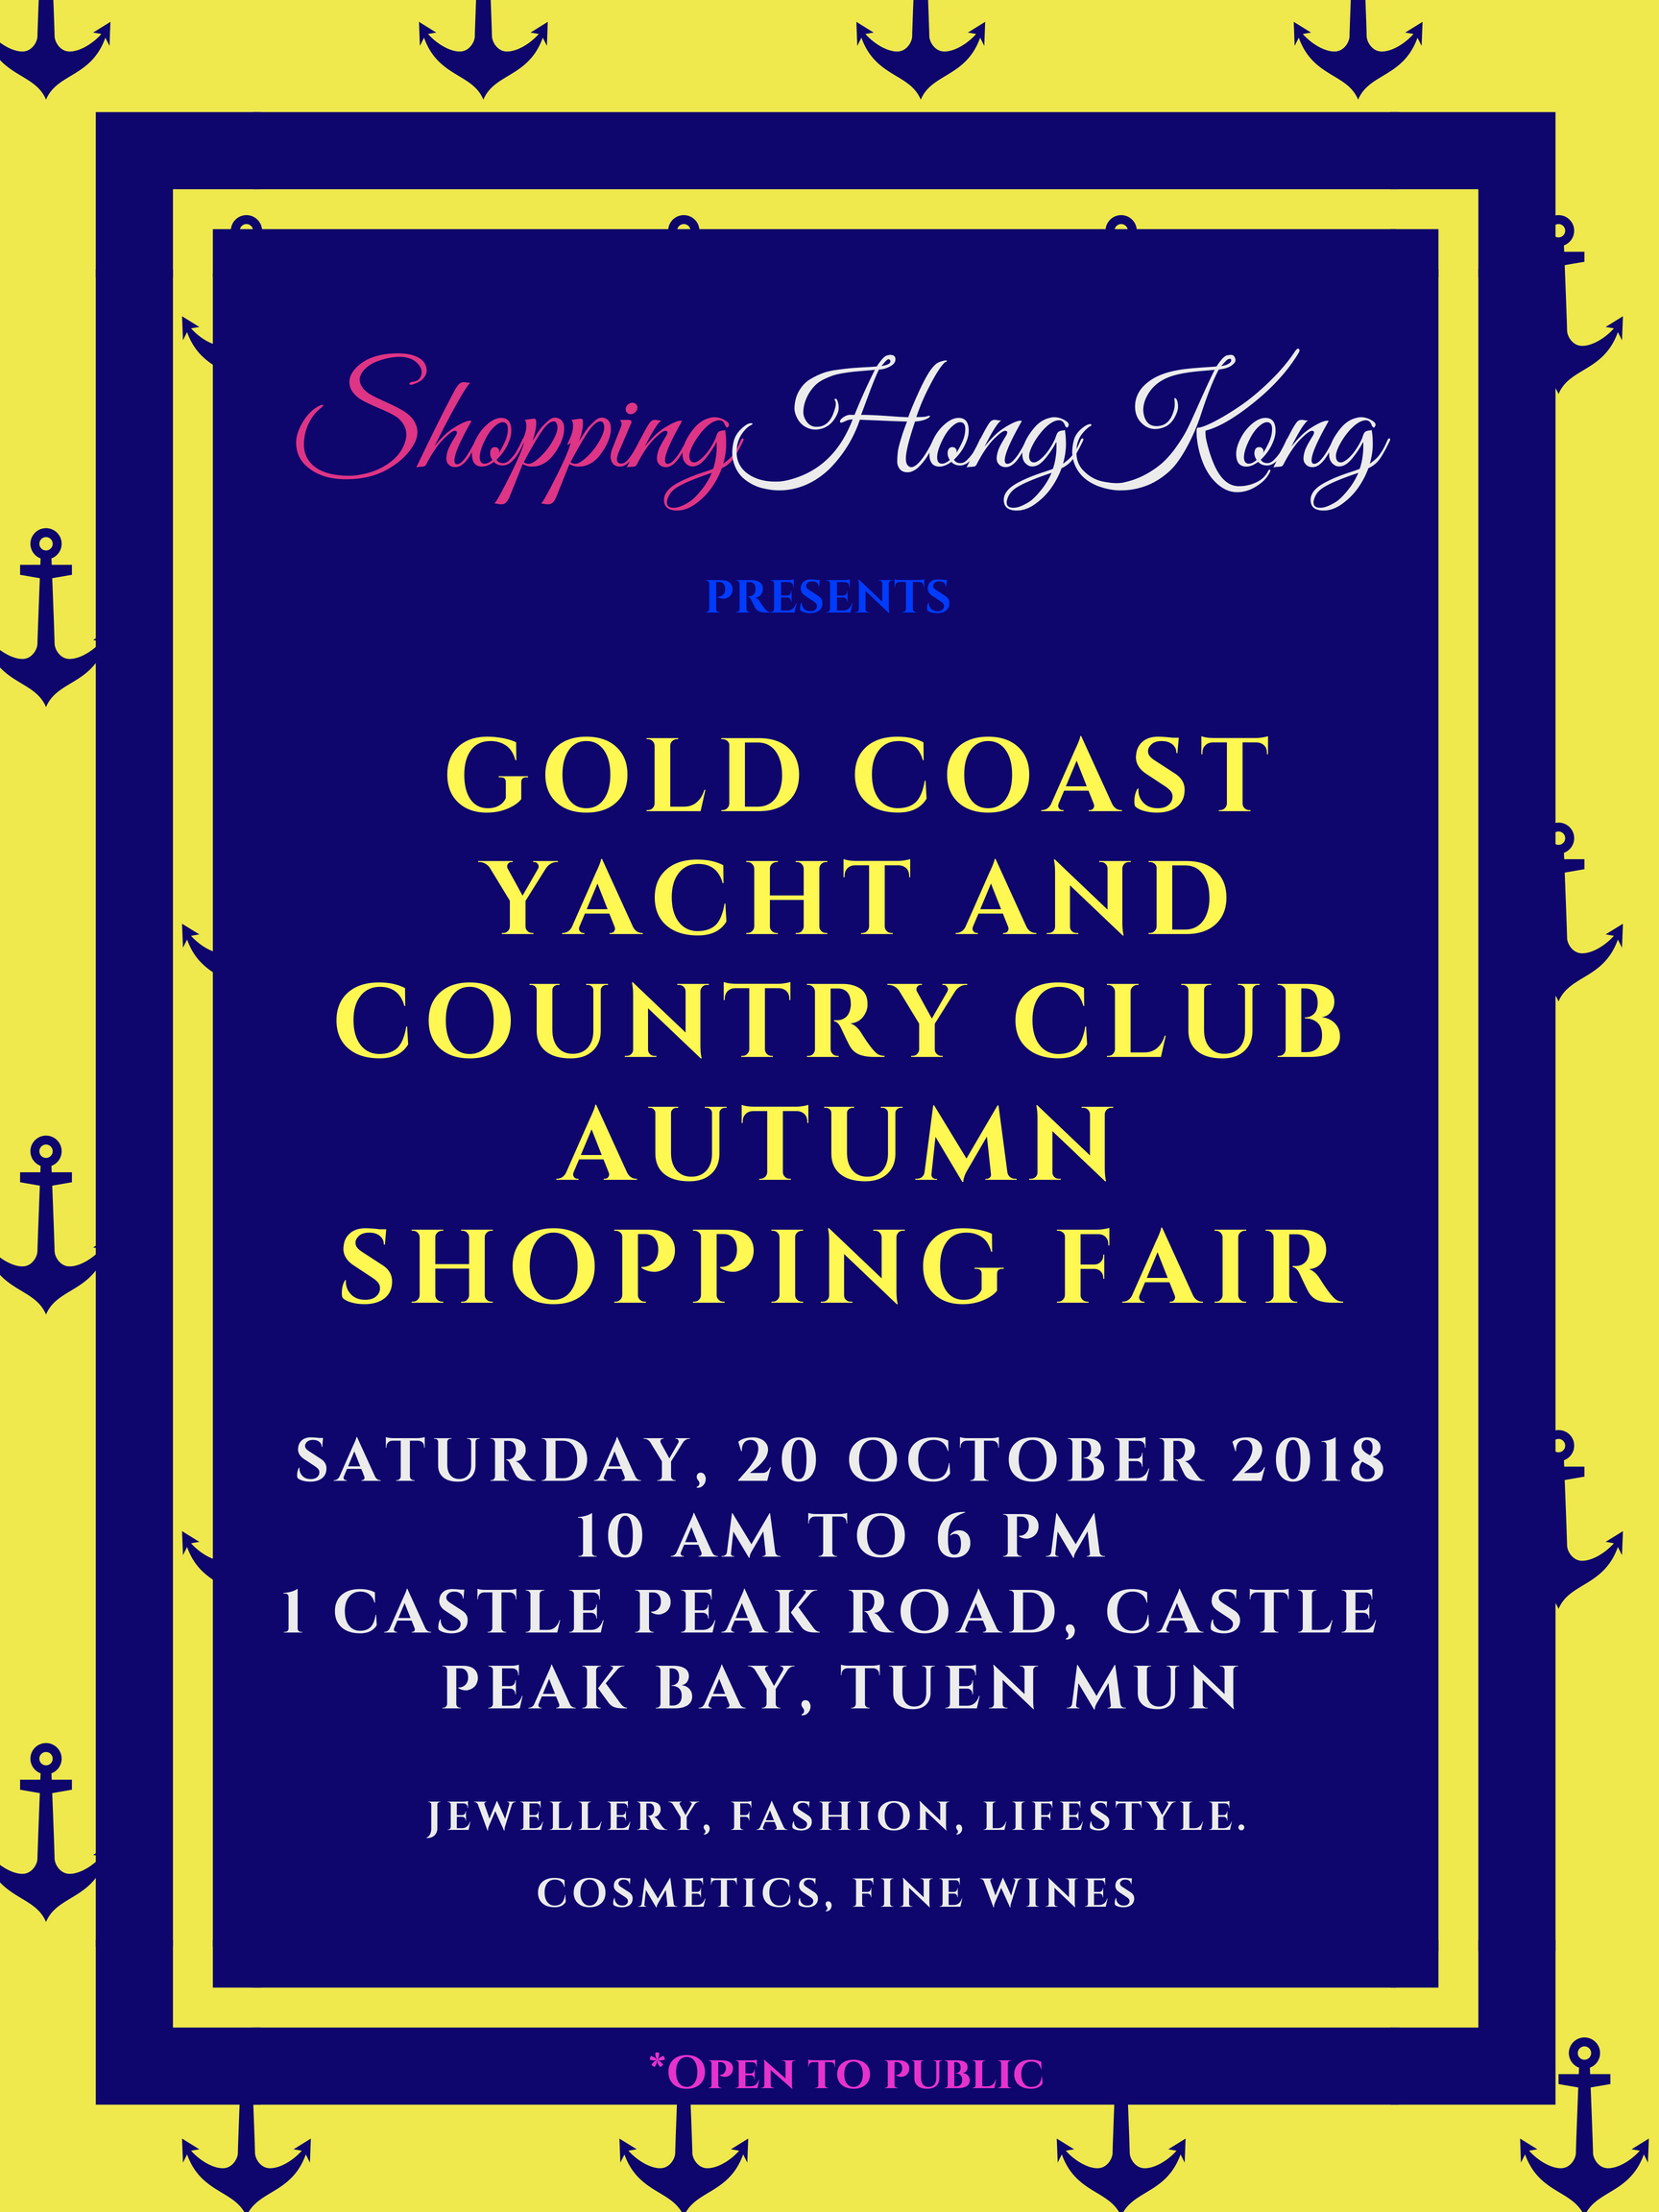 Shoppinghongkong goes to Gold Coast | ShoppingHongKong